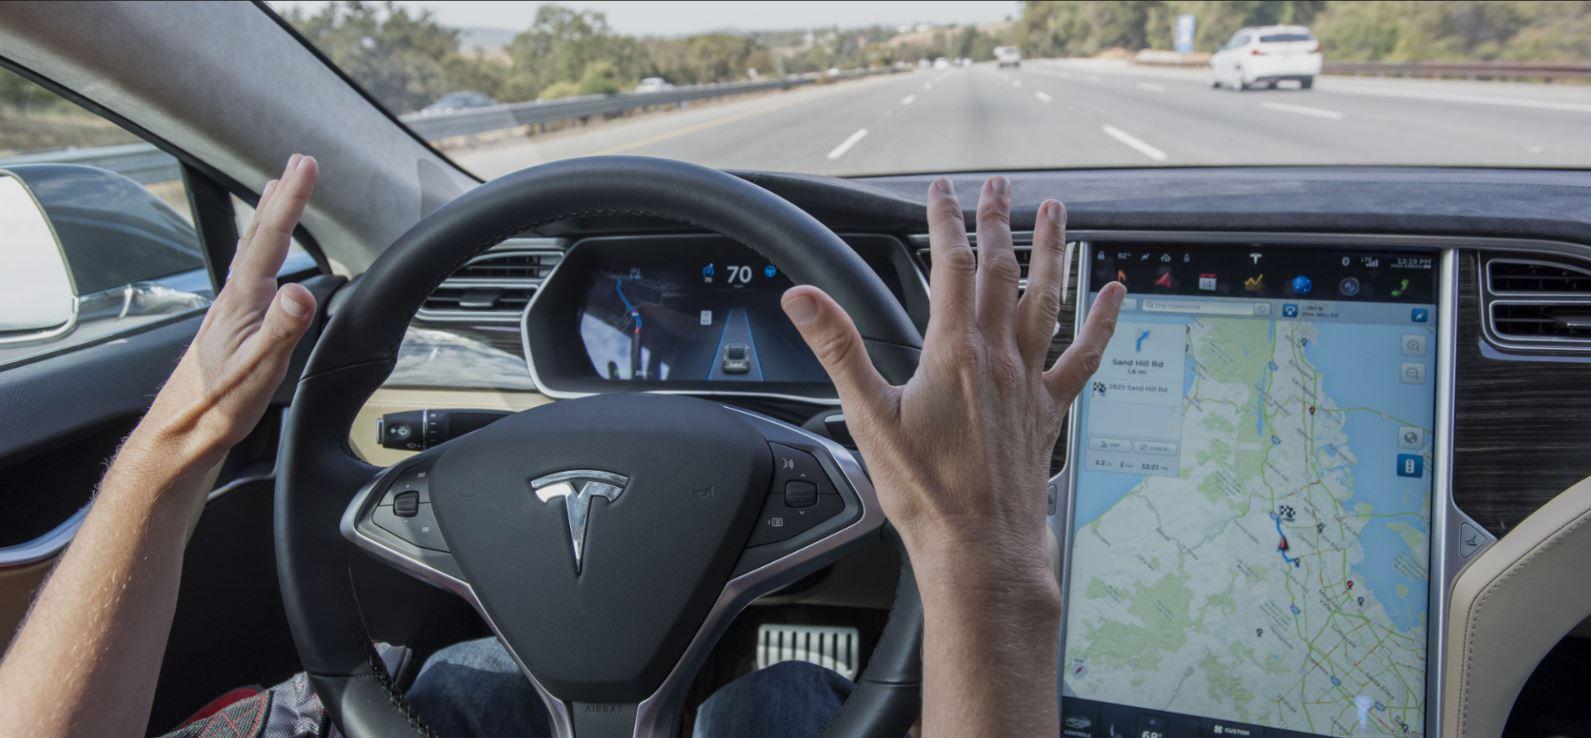 Los Tesla se promocionan solos: Hay marcas que se gastan 554 veces más en publicidad y no les cunde tanto…